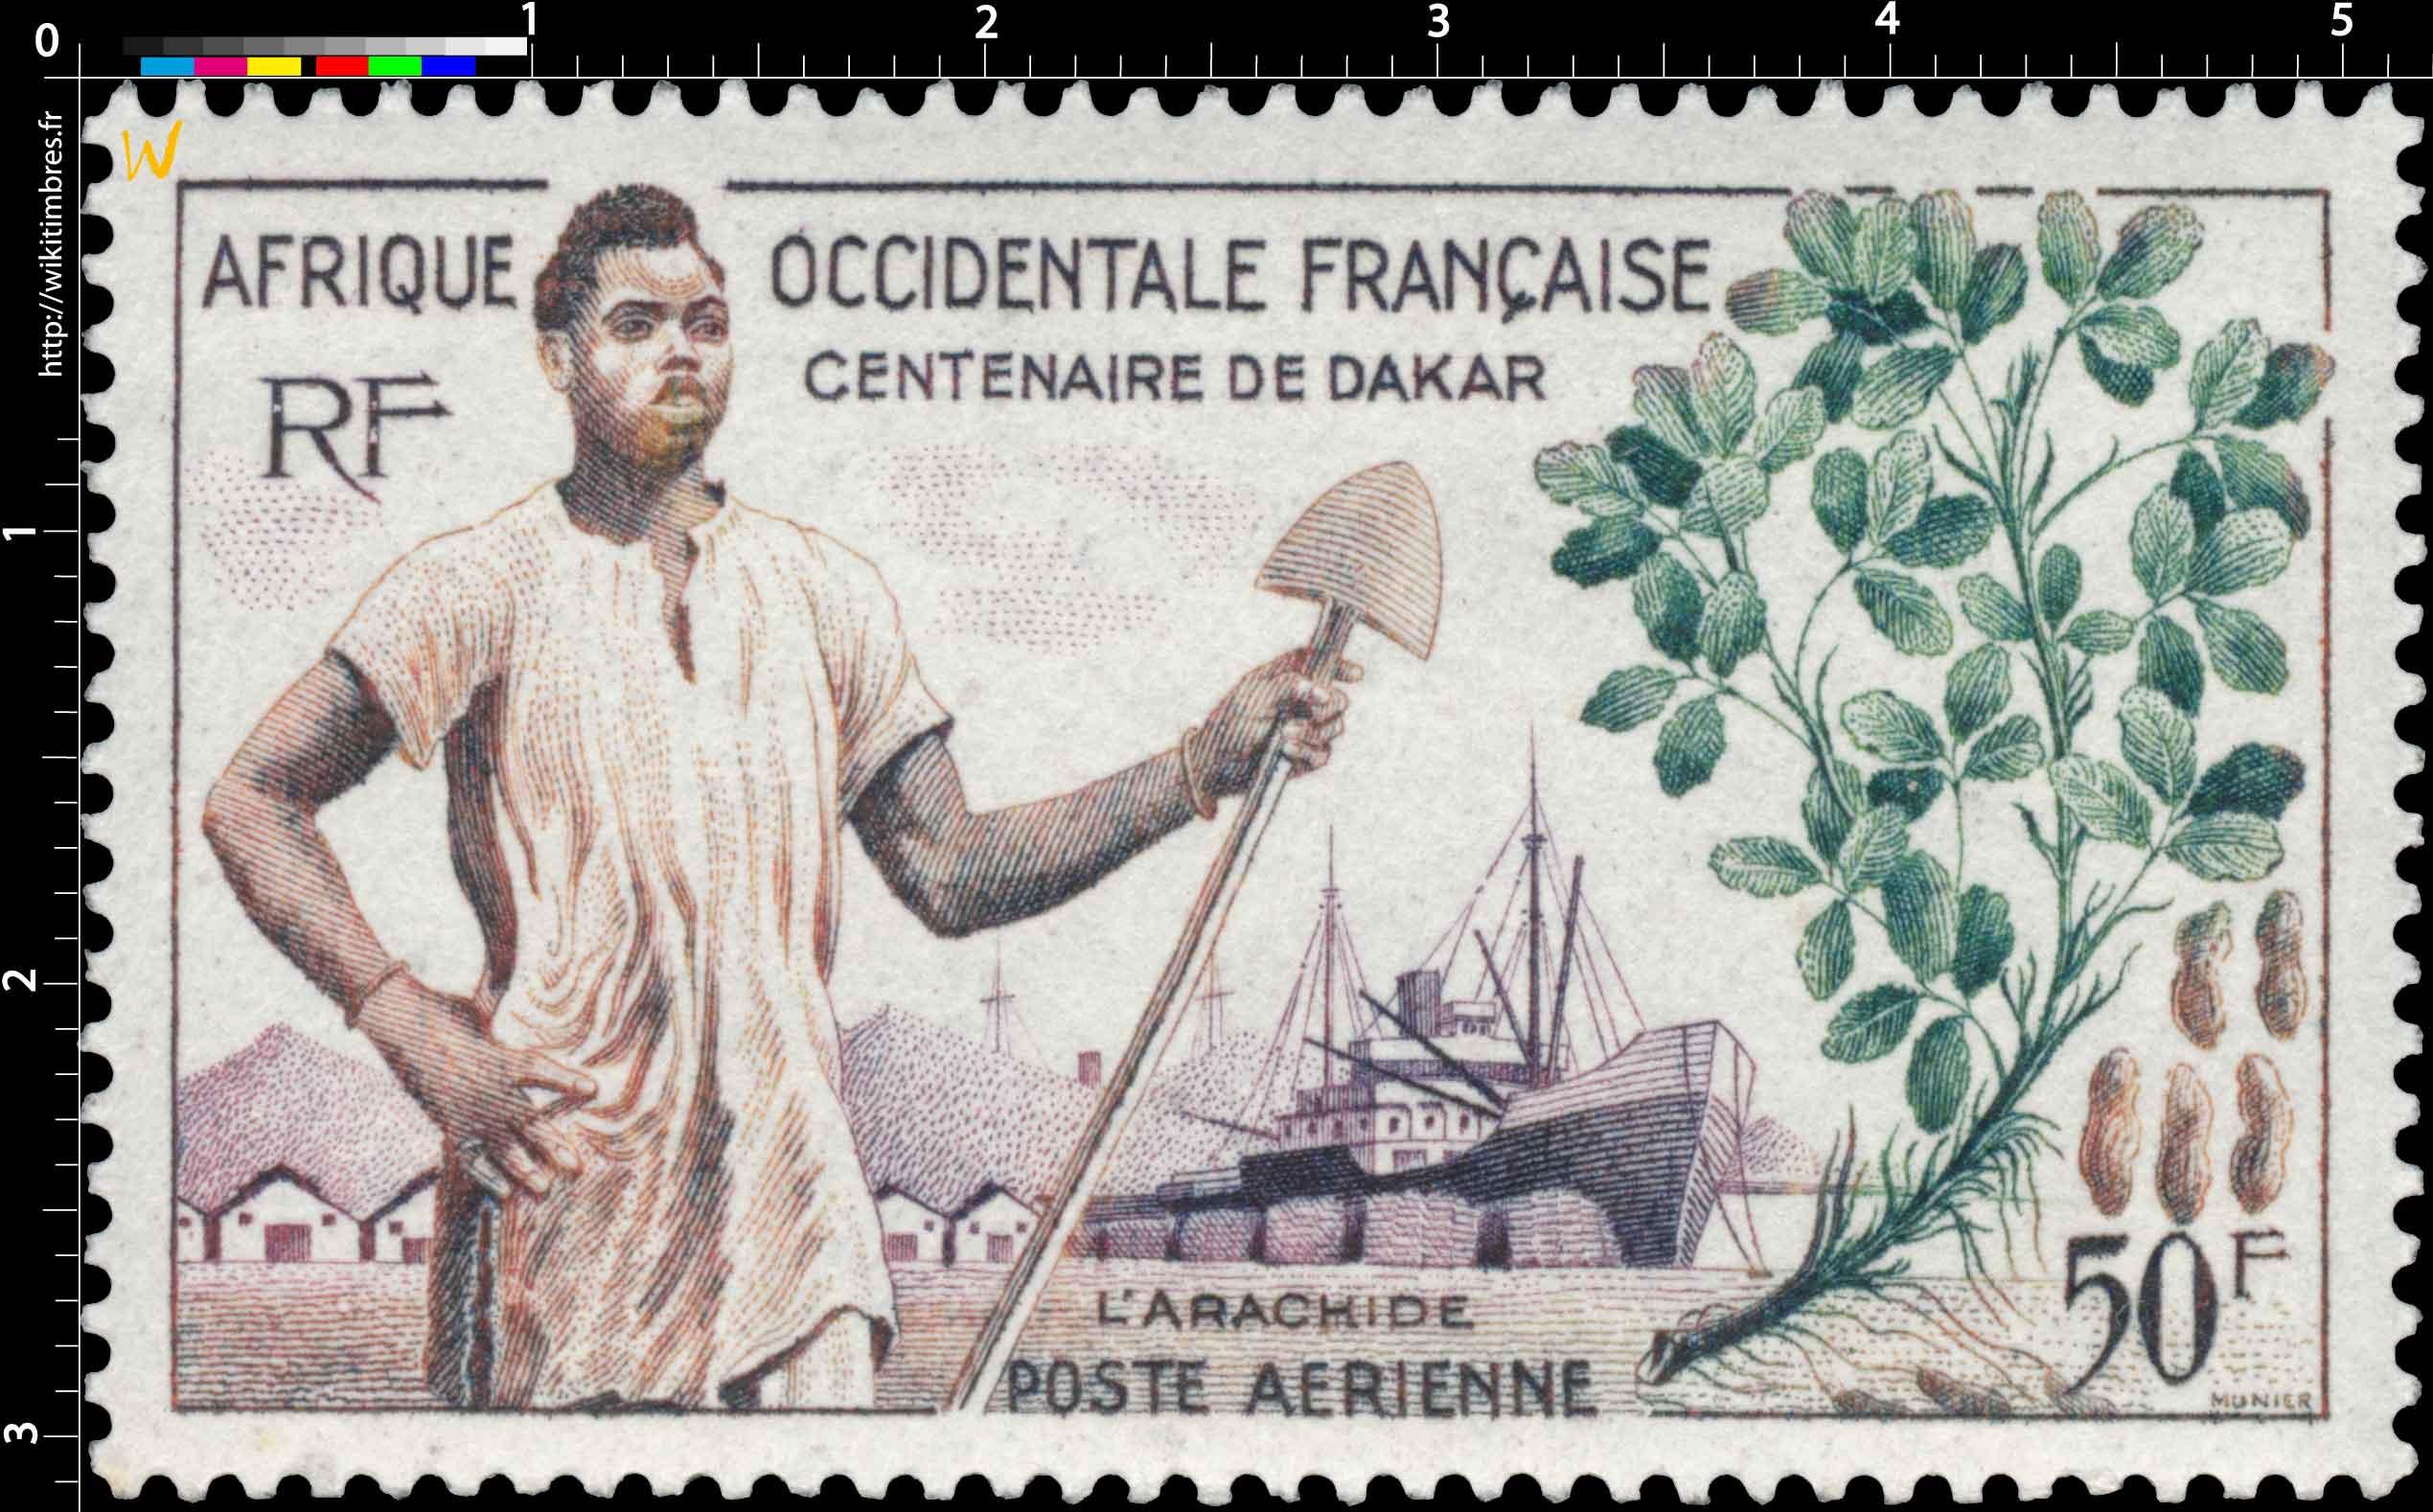 Afrique Occidentale Française - Centenaire de Dakar, l'arachide